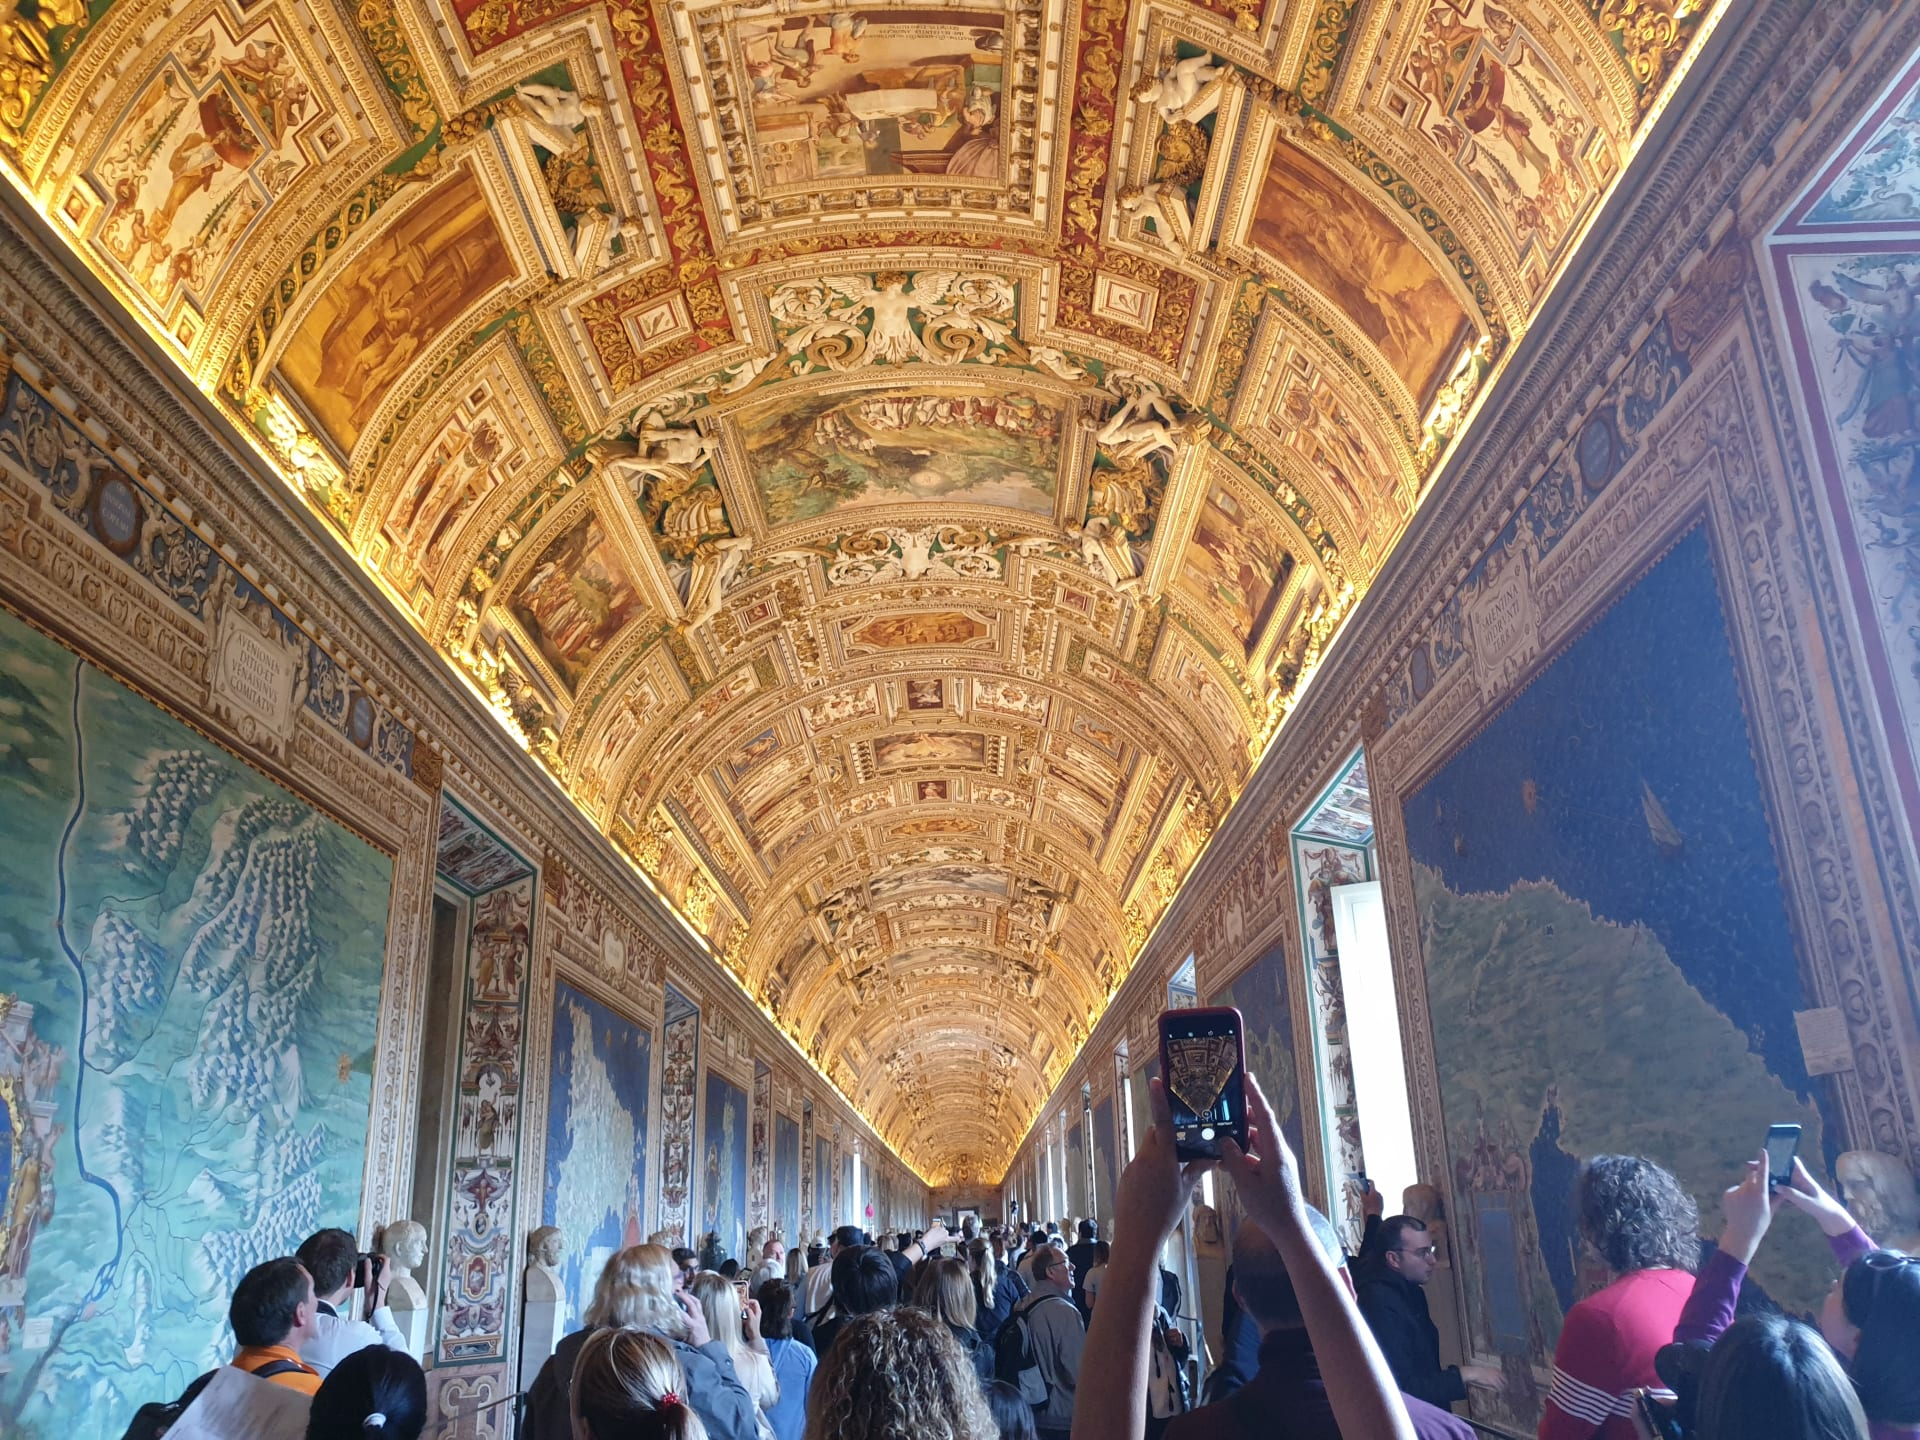 أجمل الأماكن التي يمكنك زيارتها في روما  - متاحف الفاتيكان